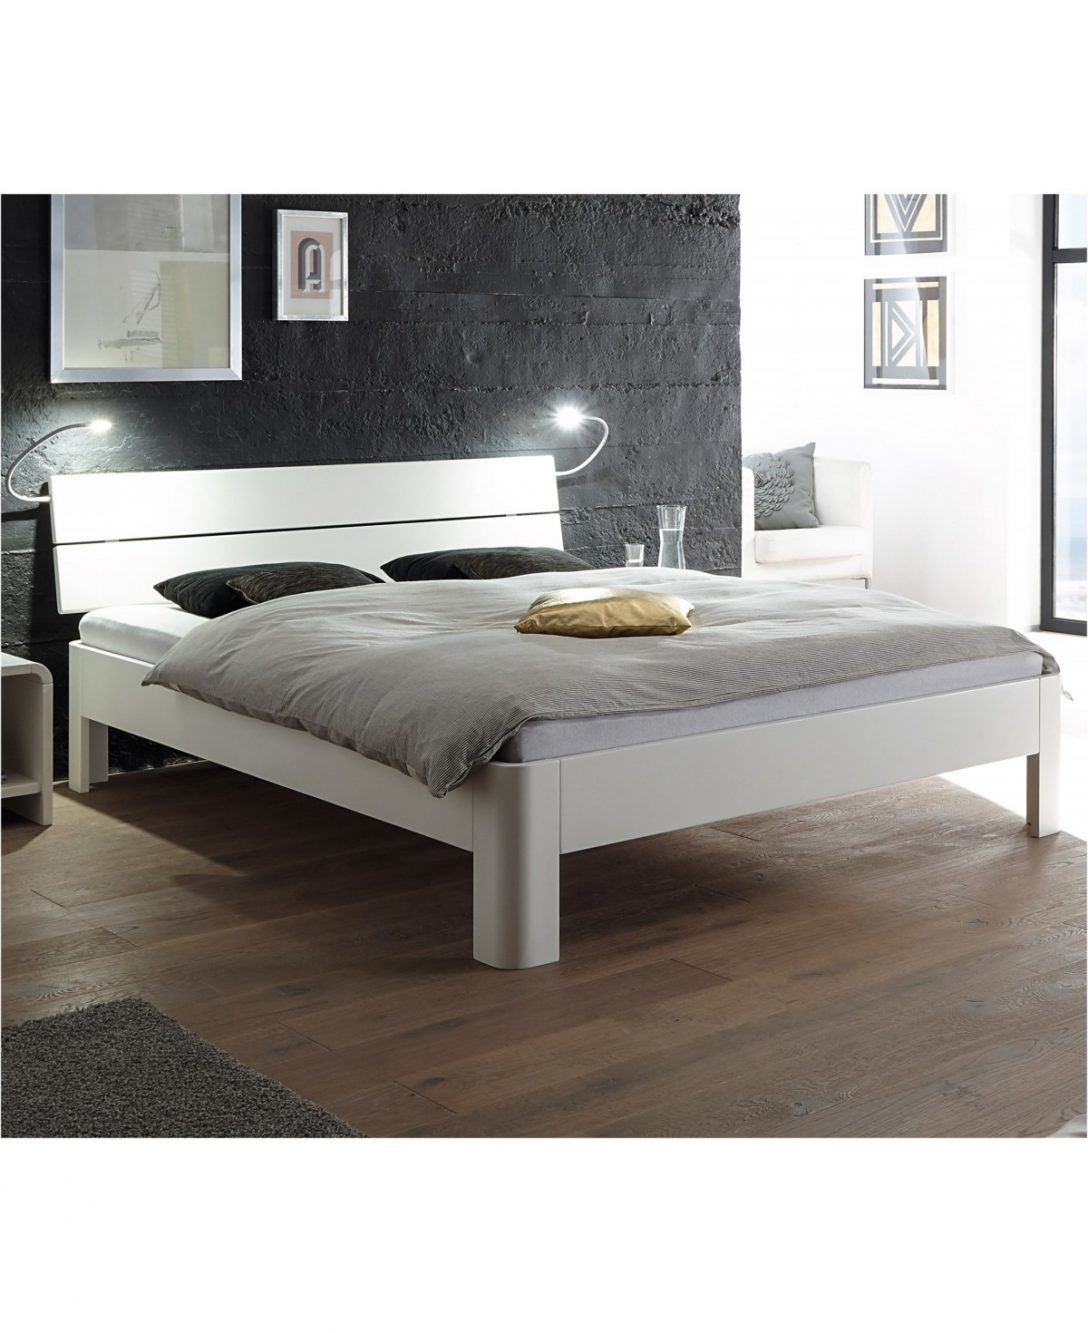 Large Size of 120x200 Bett Kopfteil Weiß Ohne Füße Musterring Betten Team 7 Mit Matratze Oschmann 100x200 Konfigurieren Kingsize Bonprix Günstige Bette Badewannen Bett 120x200 Bett